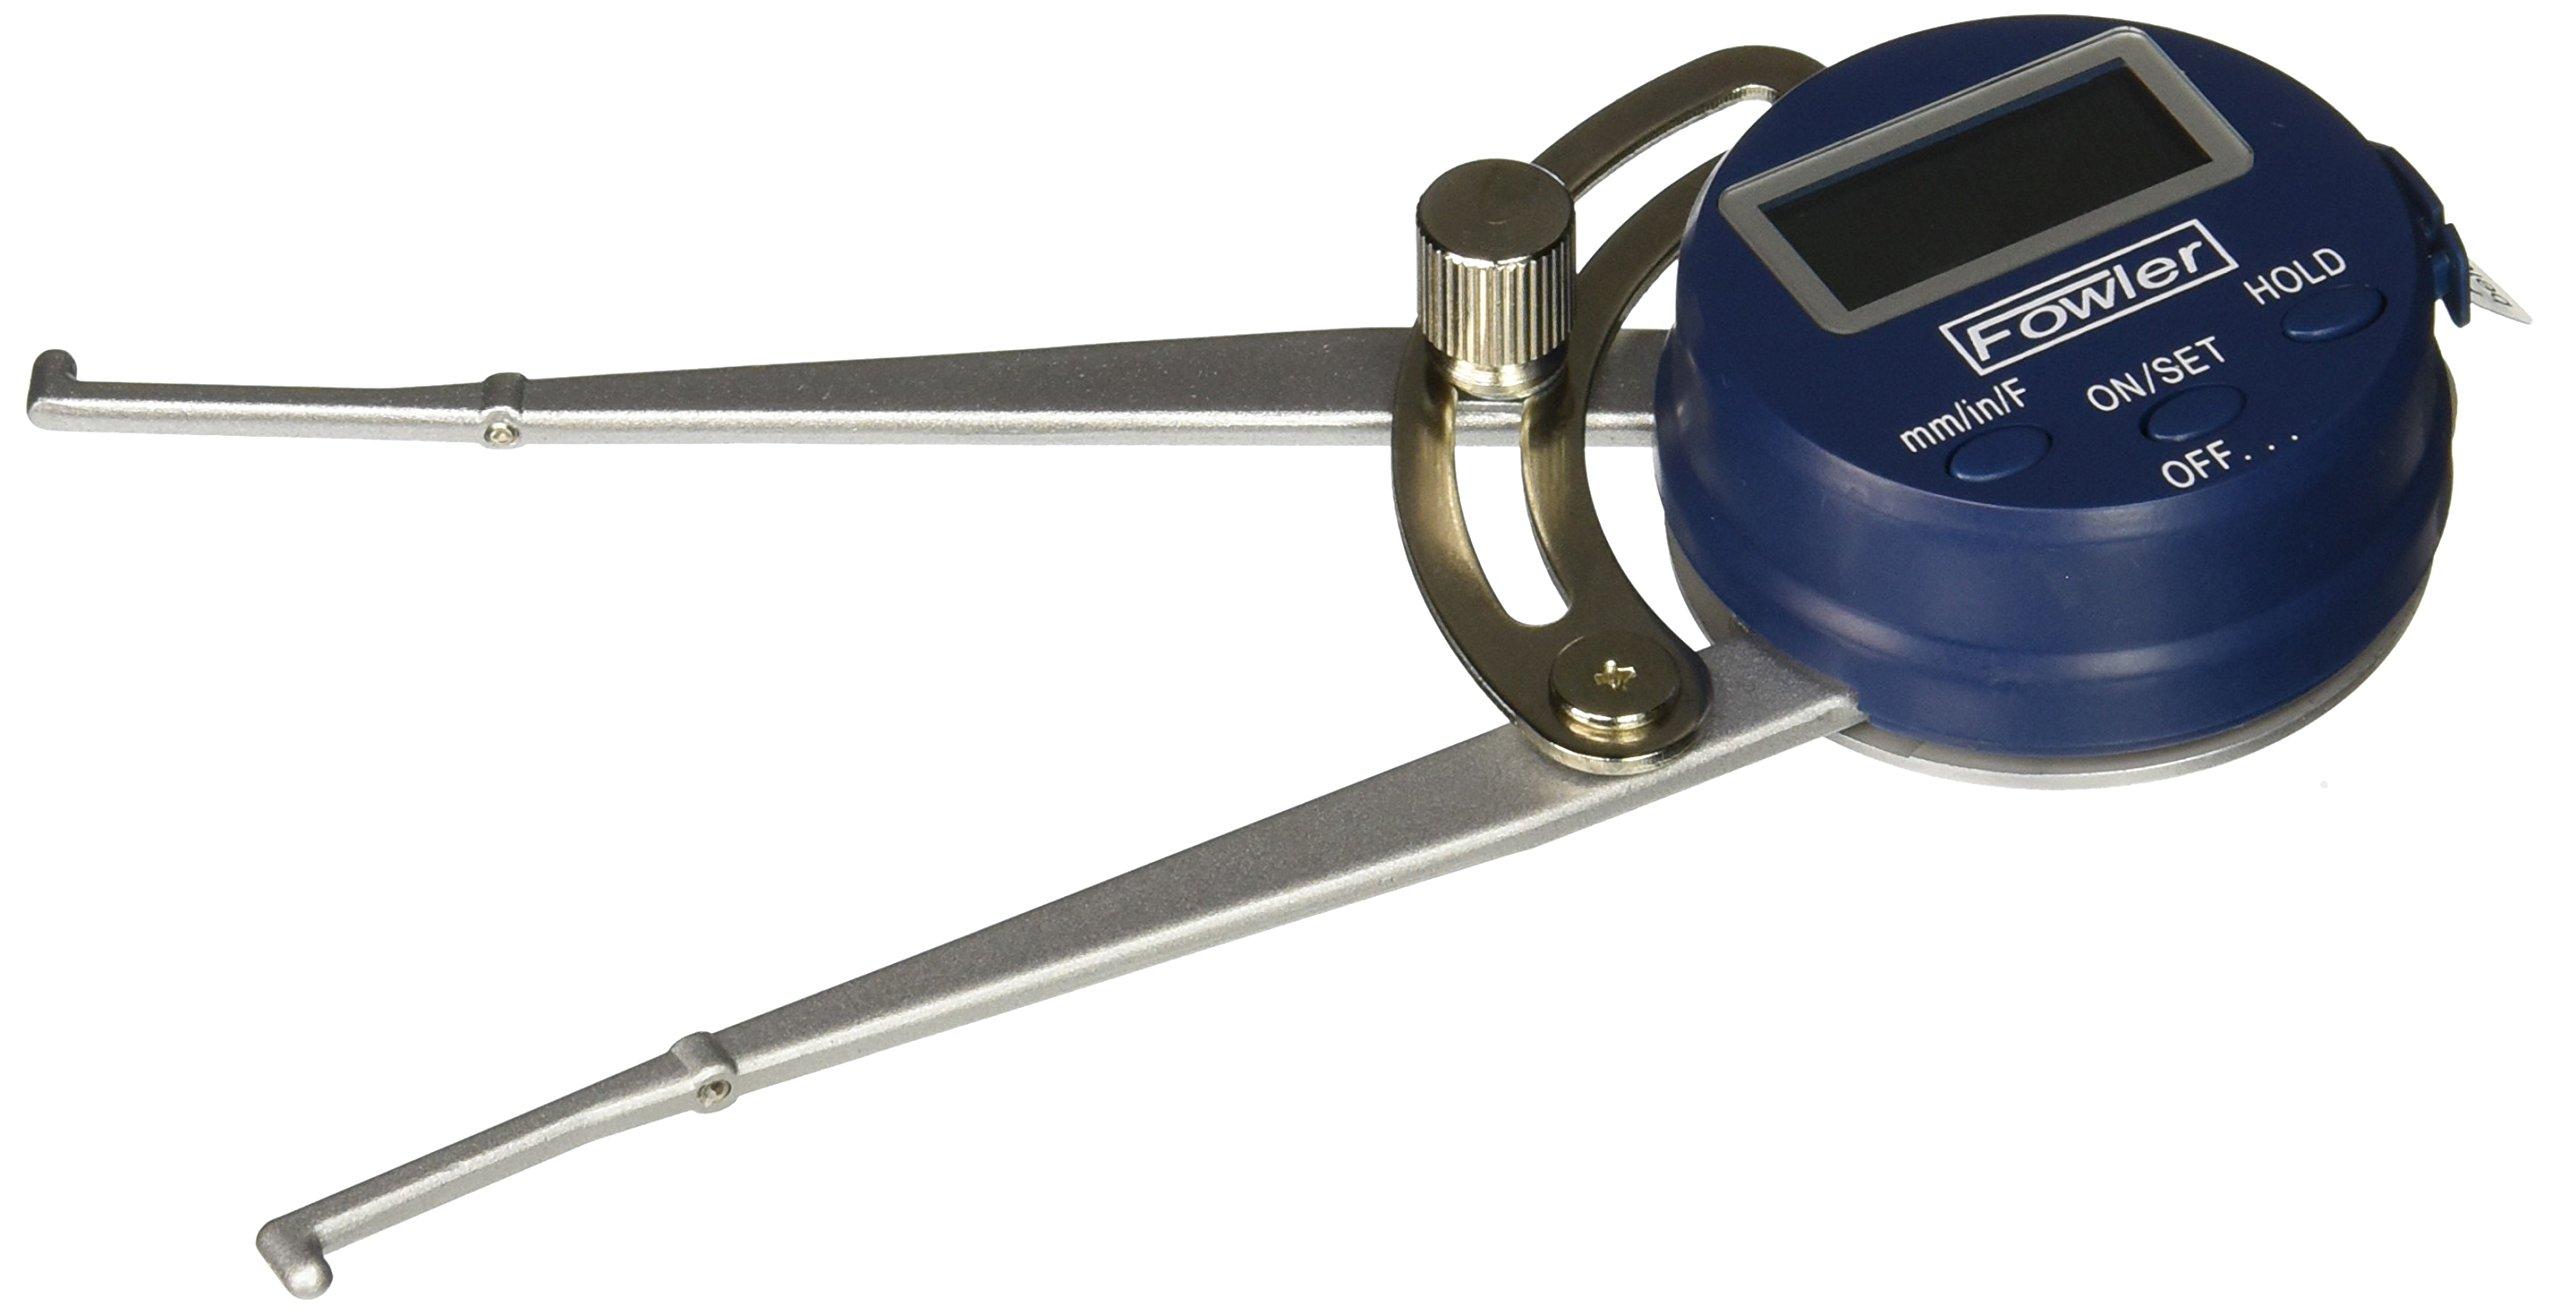 Fowler 74-554-730 Digital Caliper